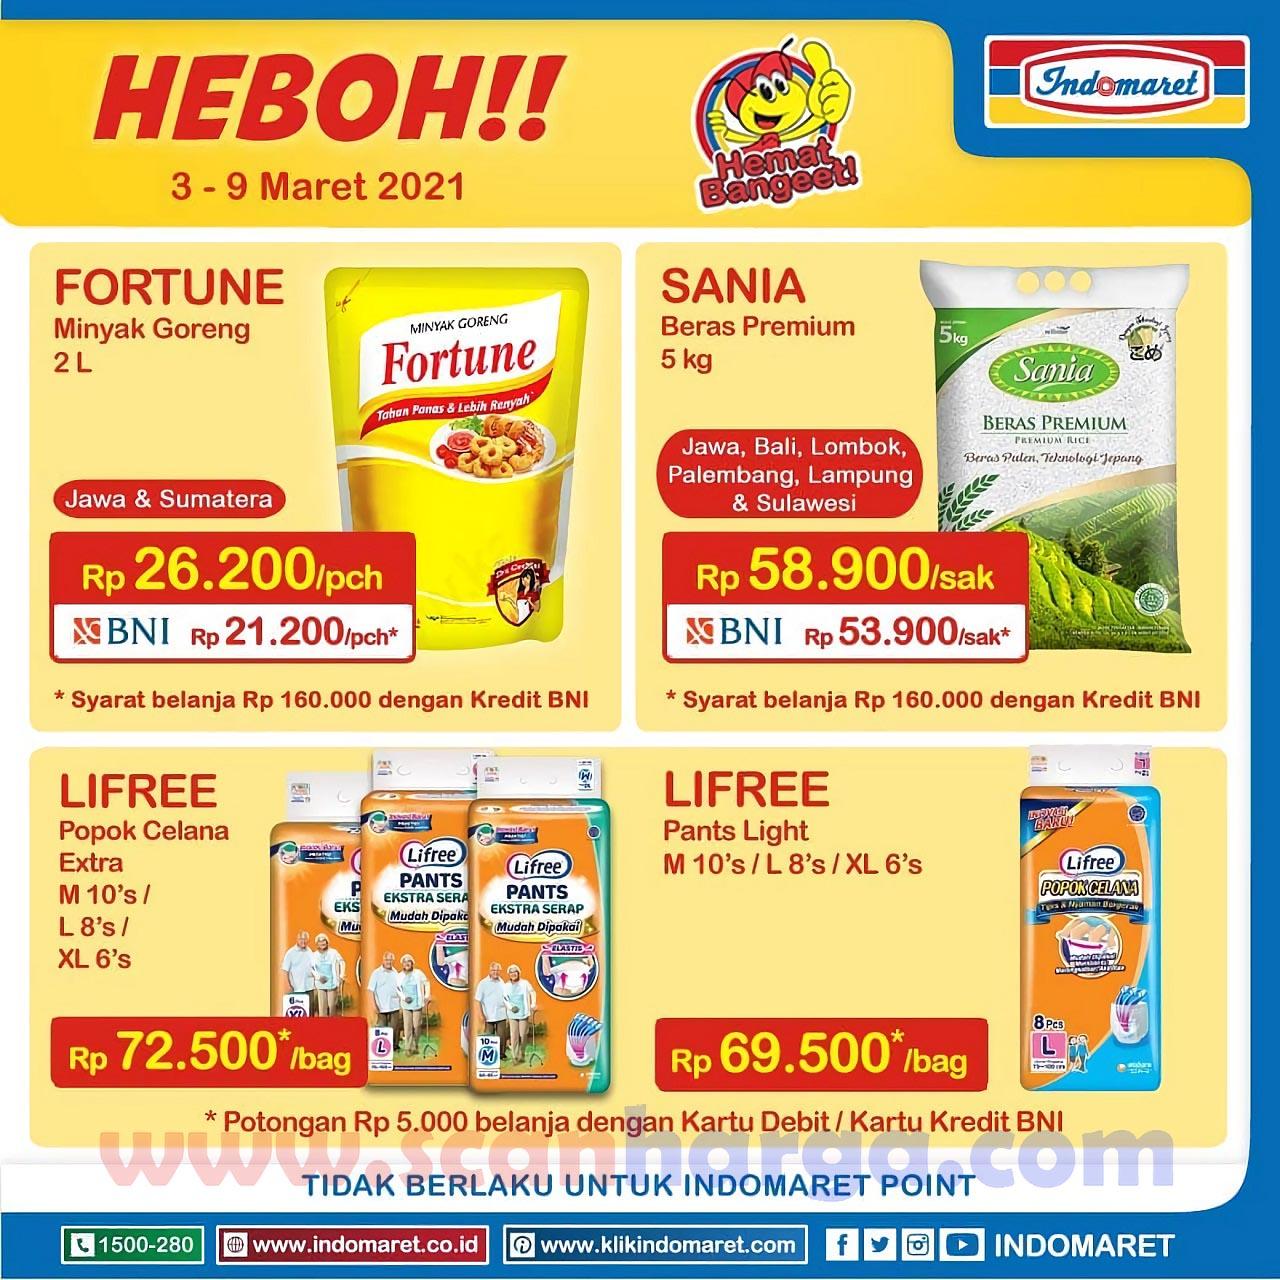 Promo Indomaret Heboh 3 - 9 Maret 2021 Harga Minyak Goreng & Susu Murah